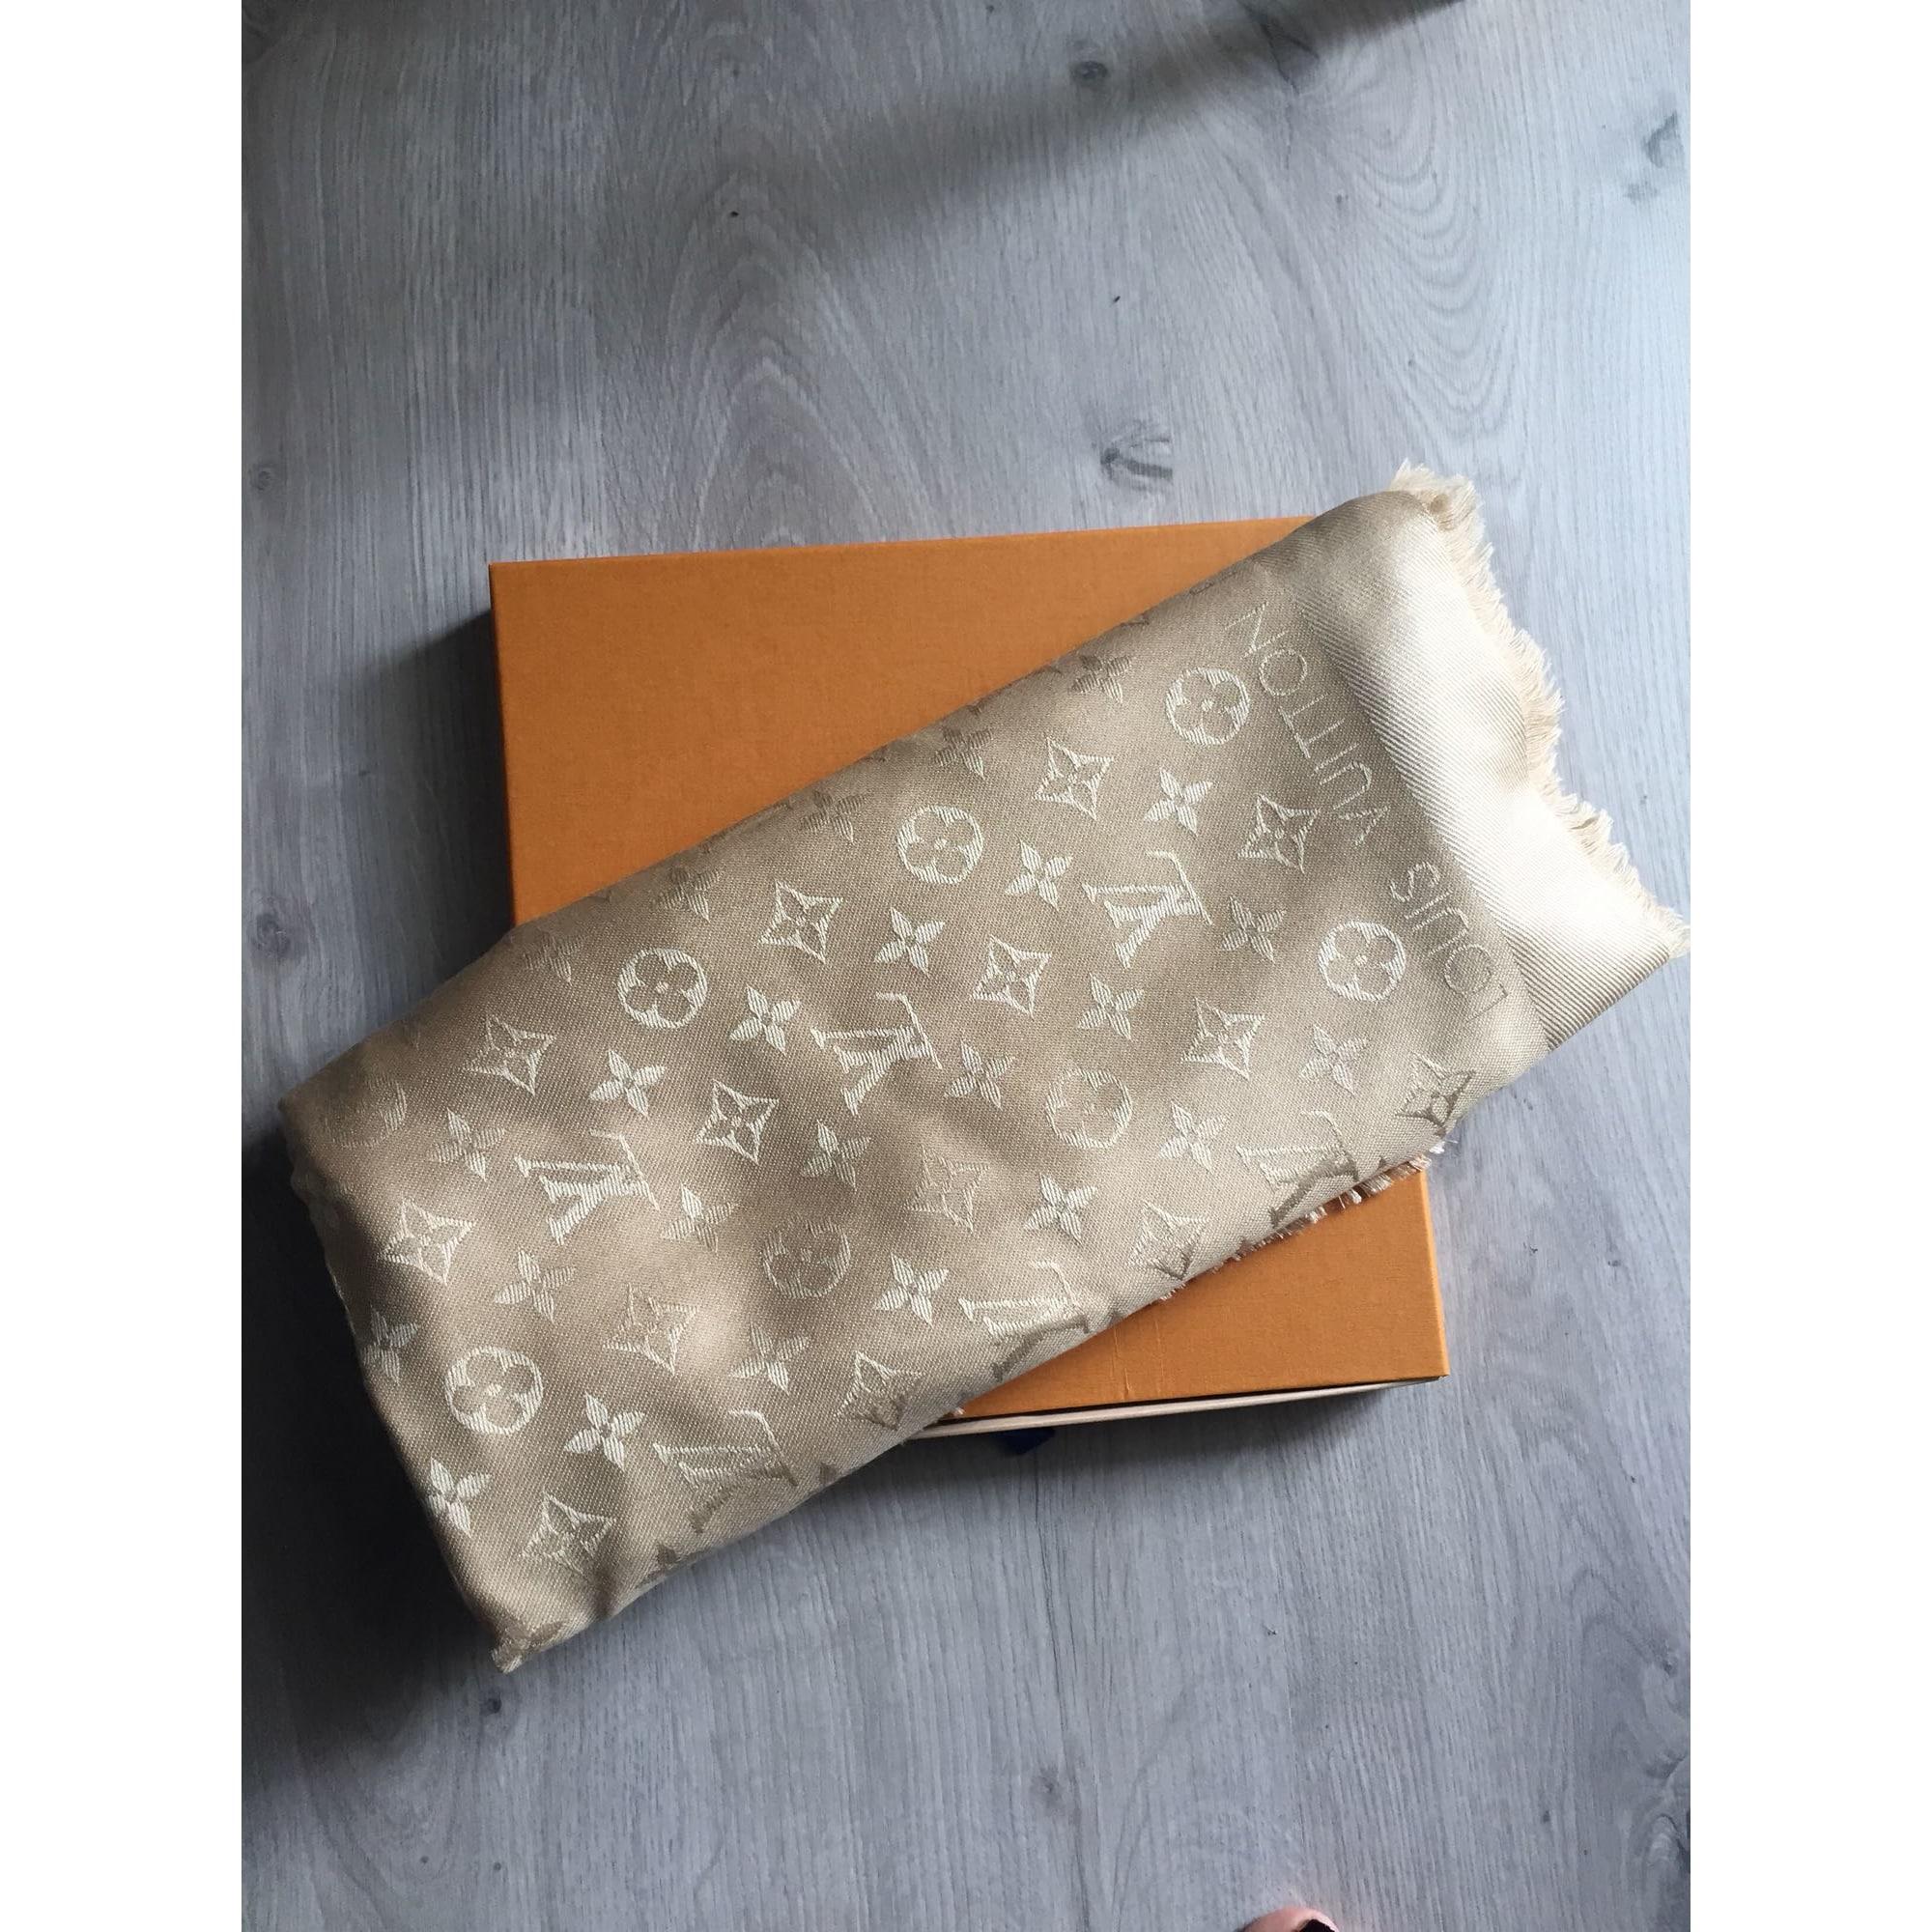 Châle LOUIS VUITTON beige vendu par Julie571916 - 7382957 4f20568c50e